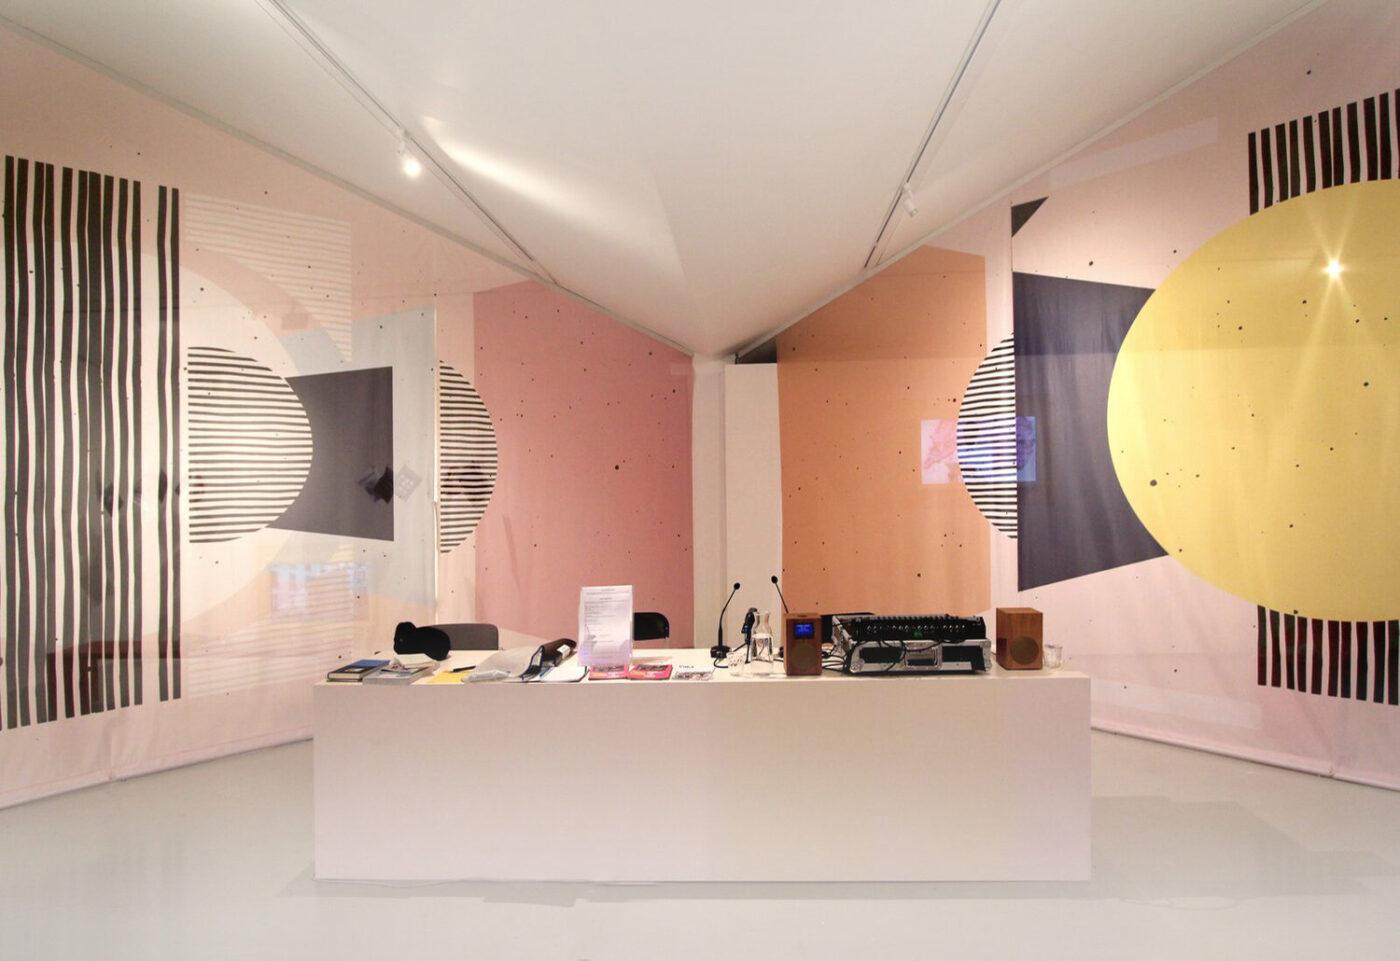 Afaina de Jong, exhibition design